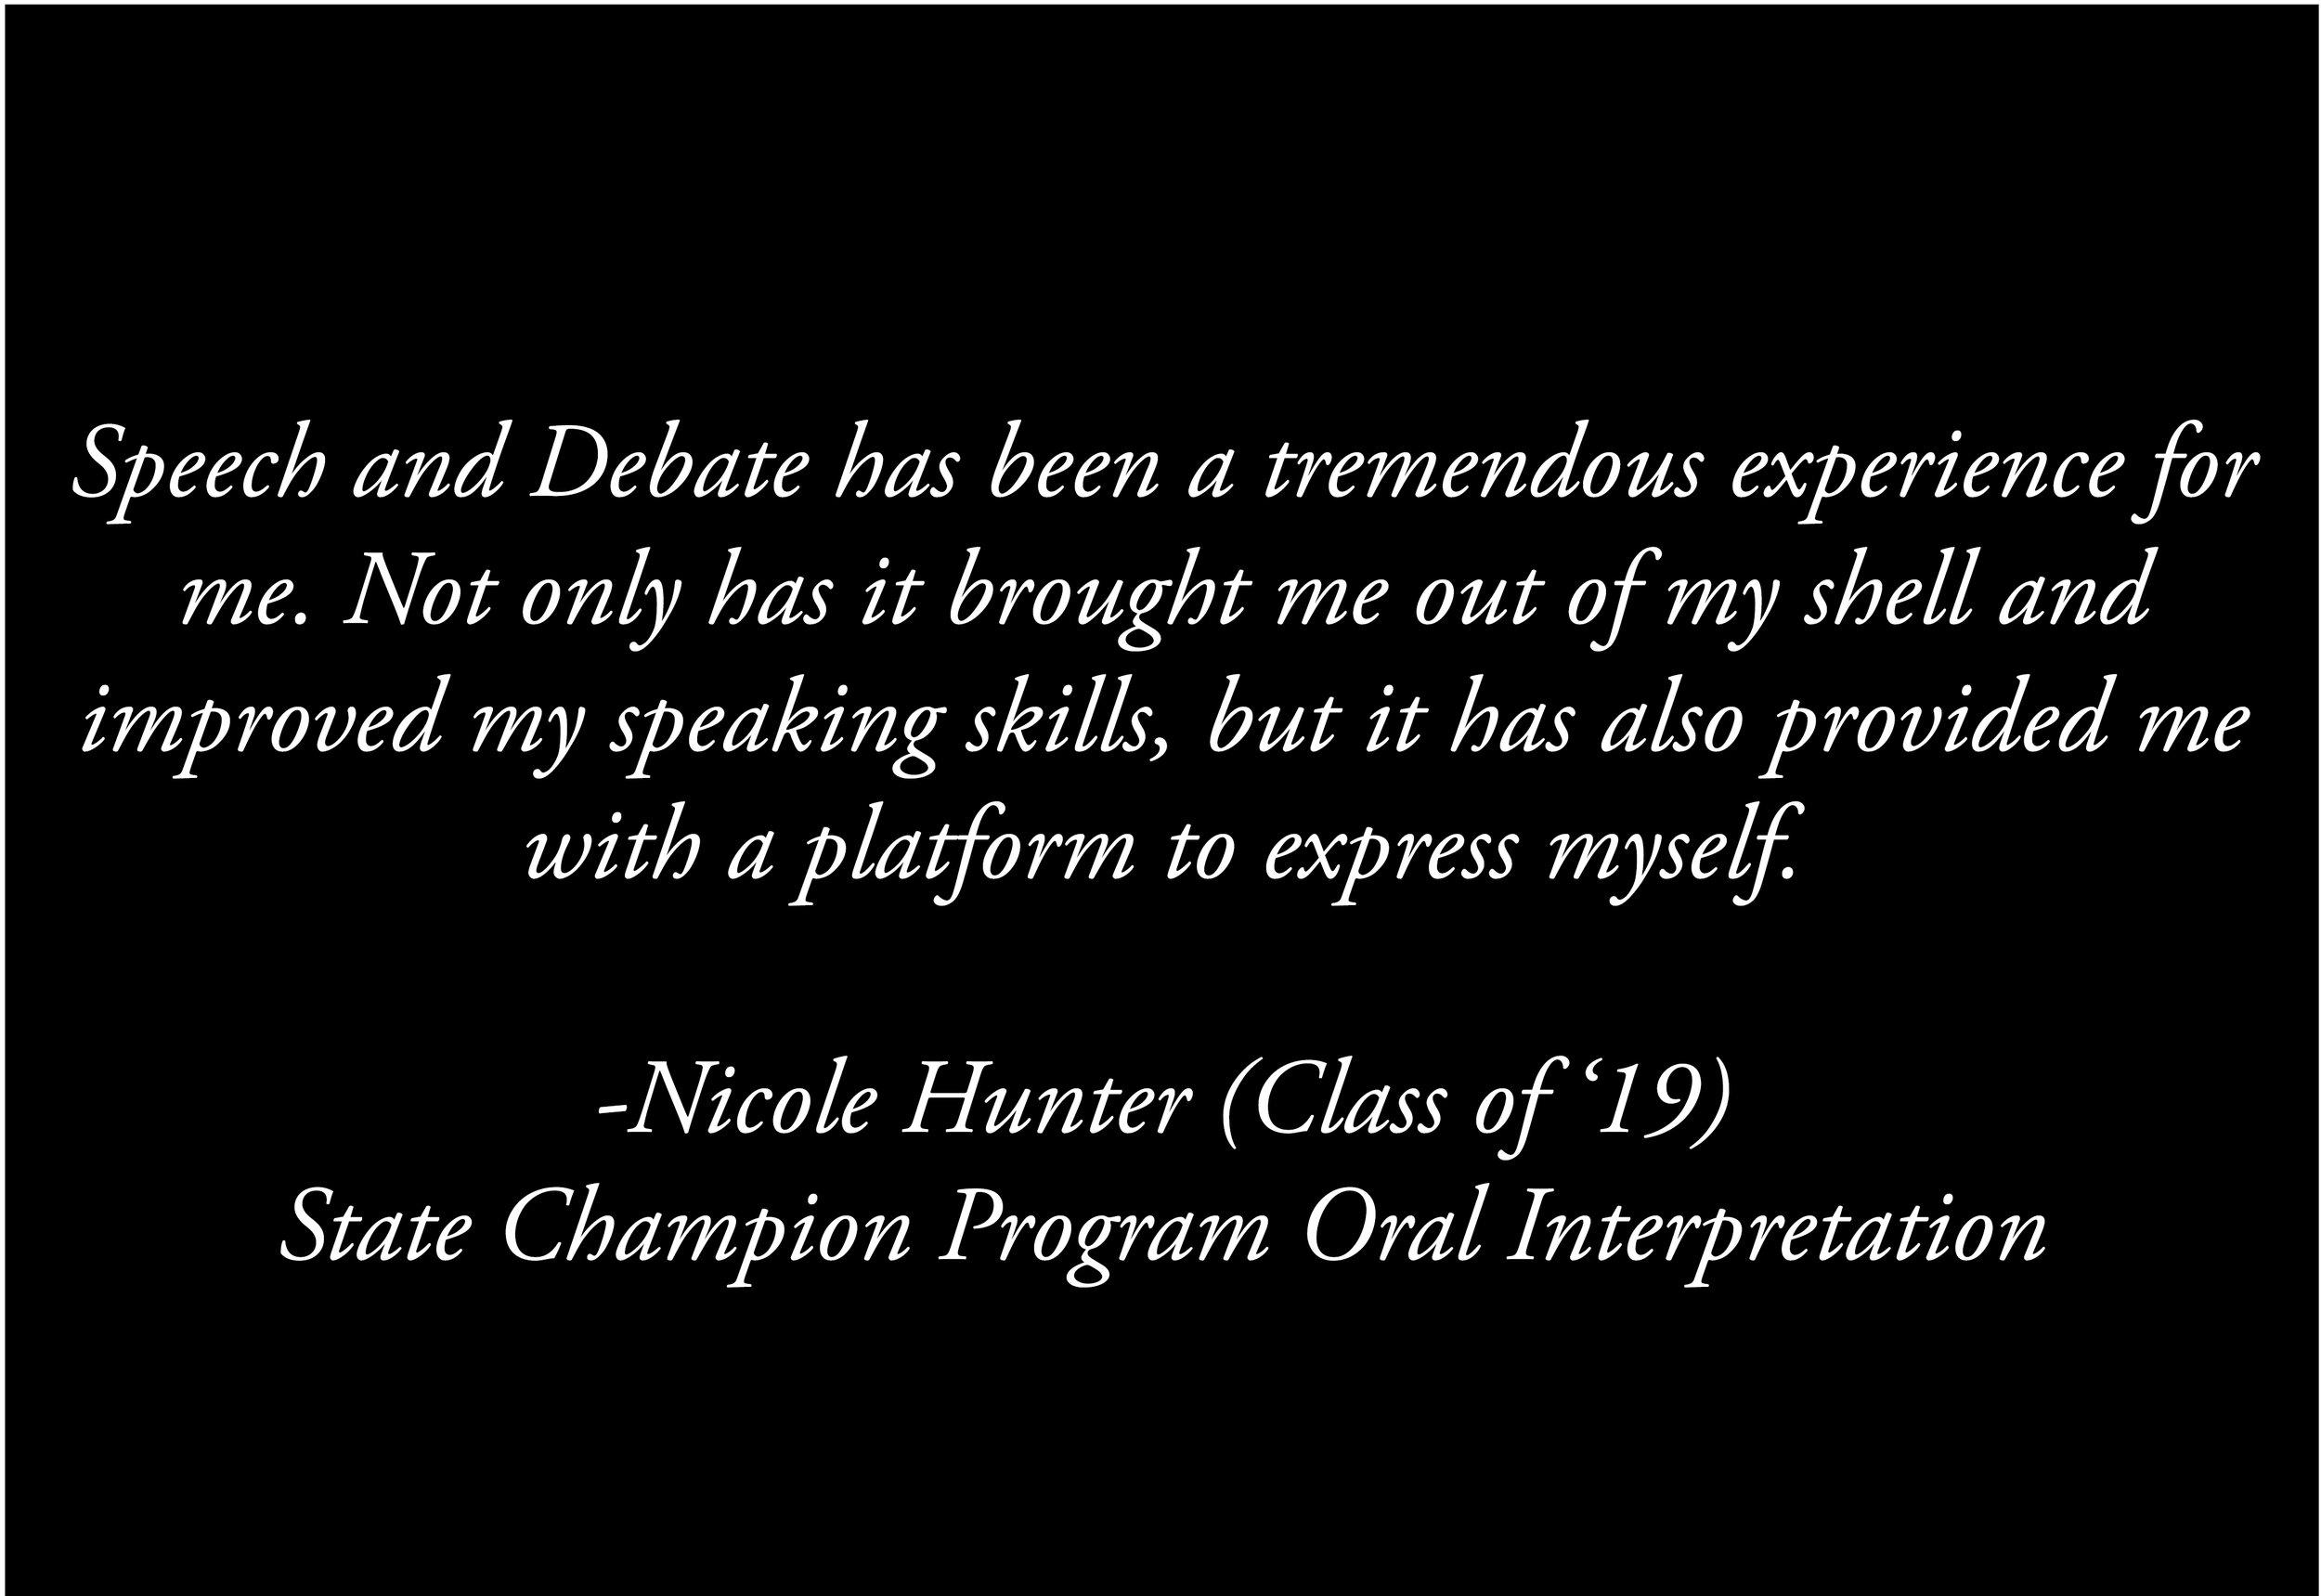 Nicole Quote.jpg